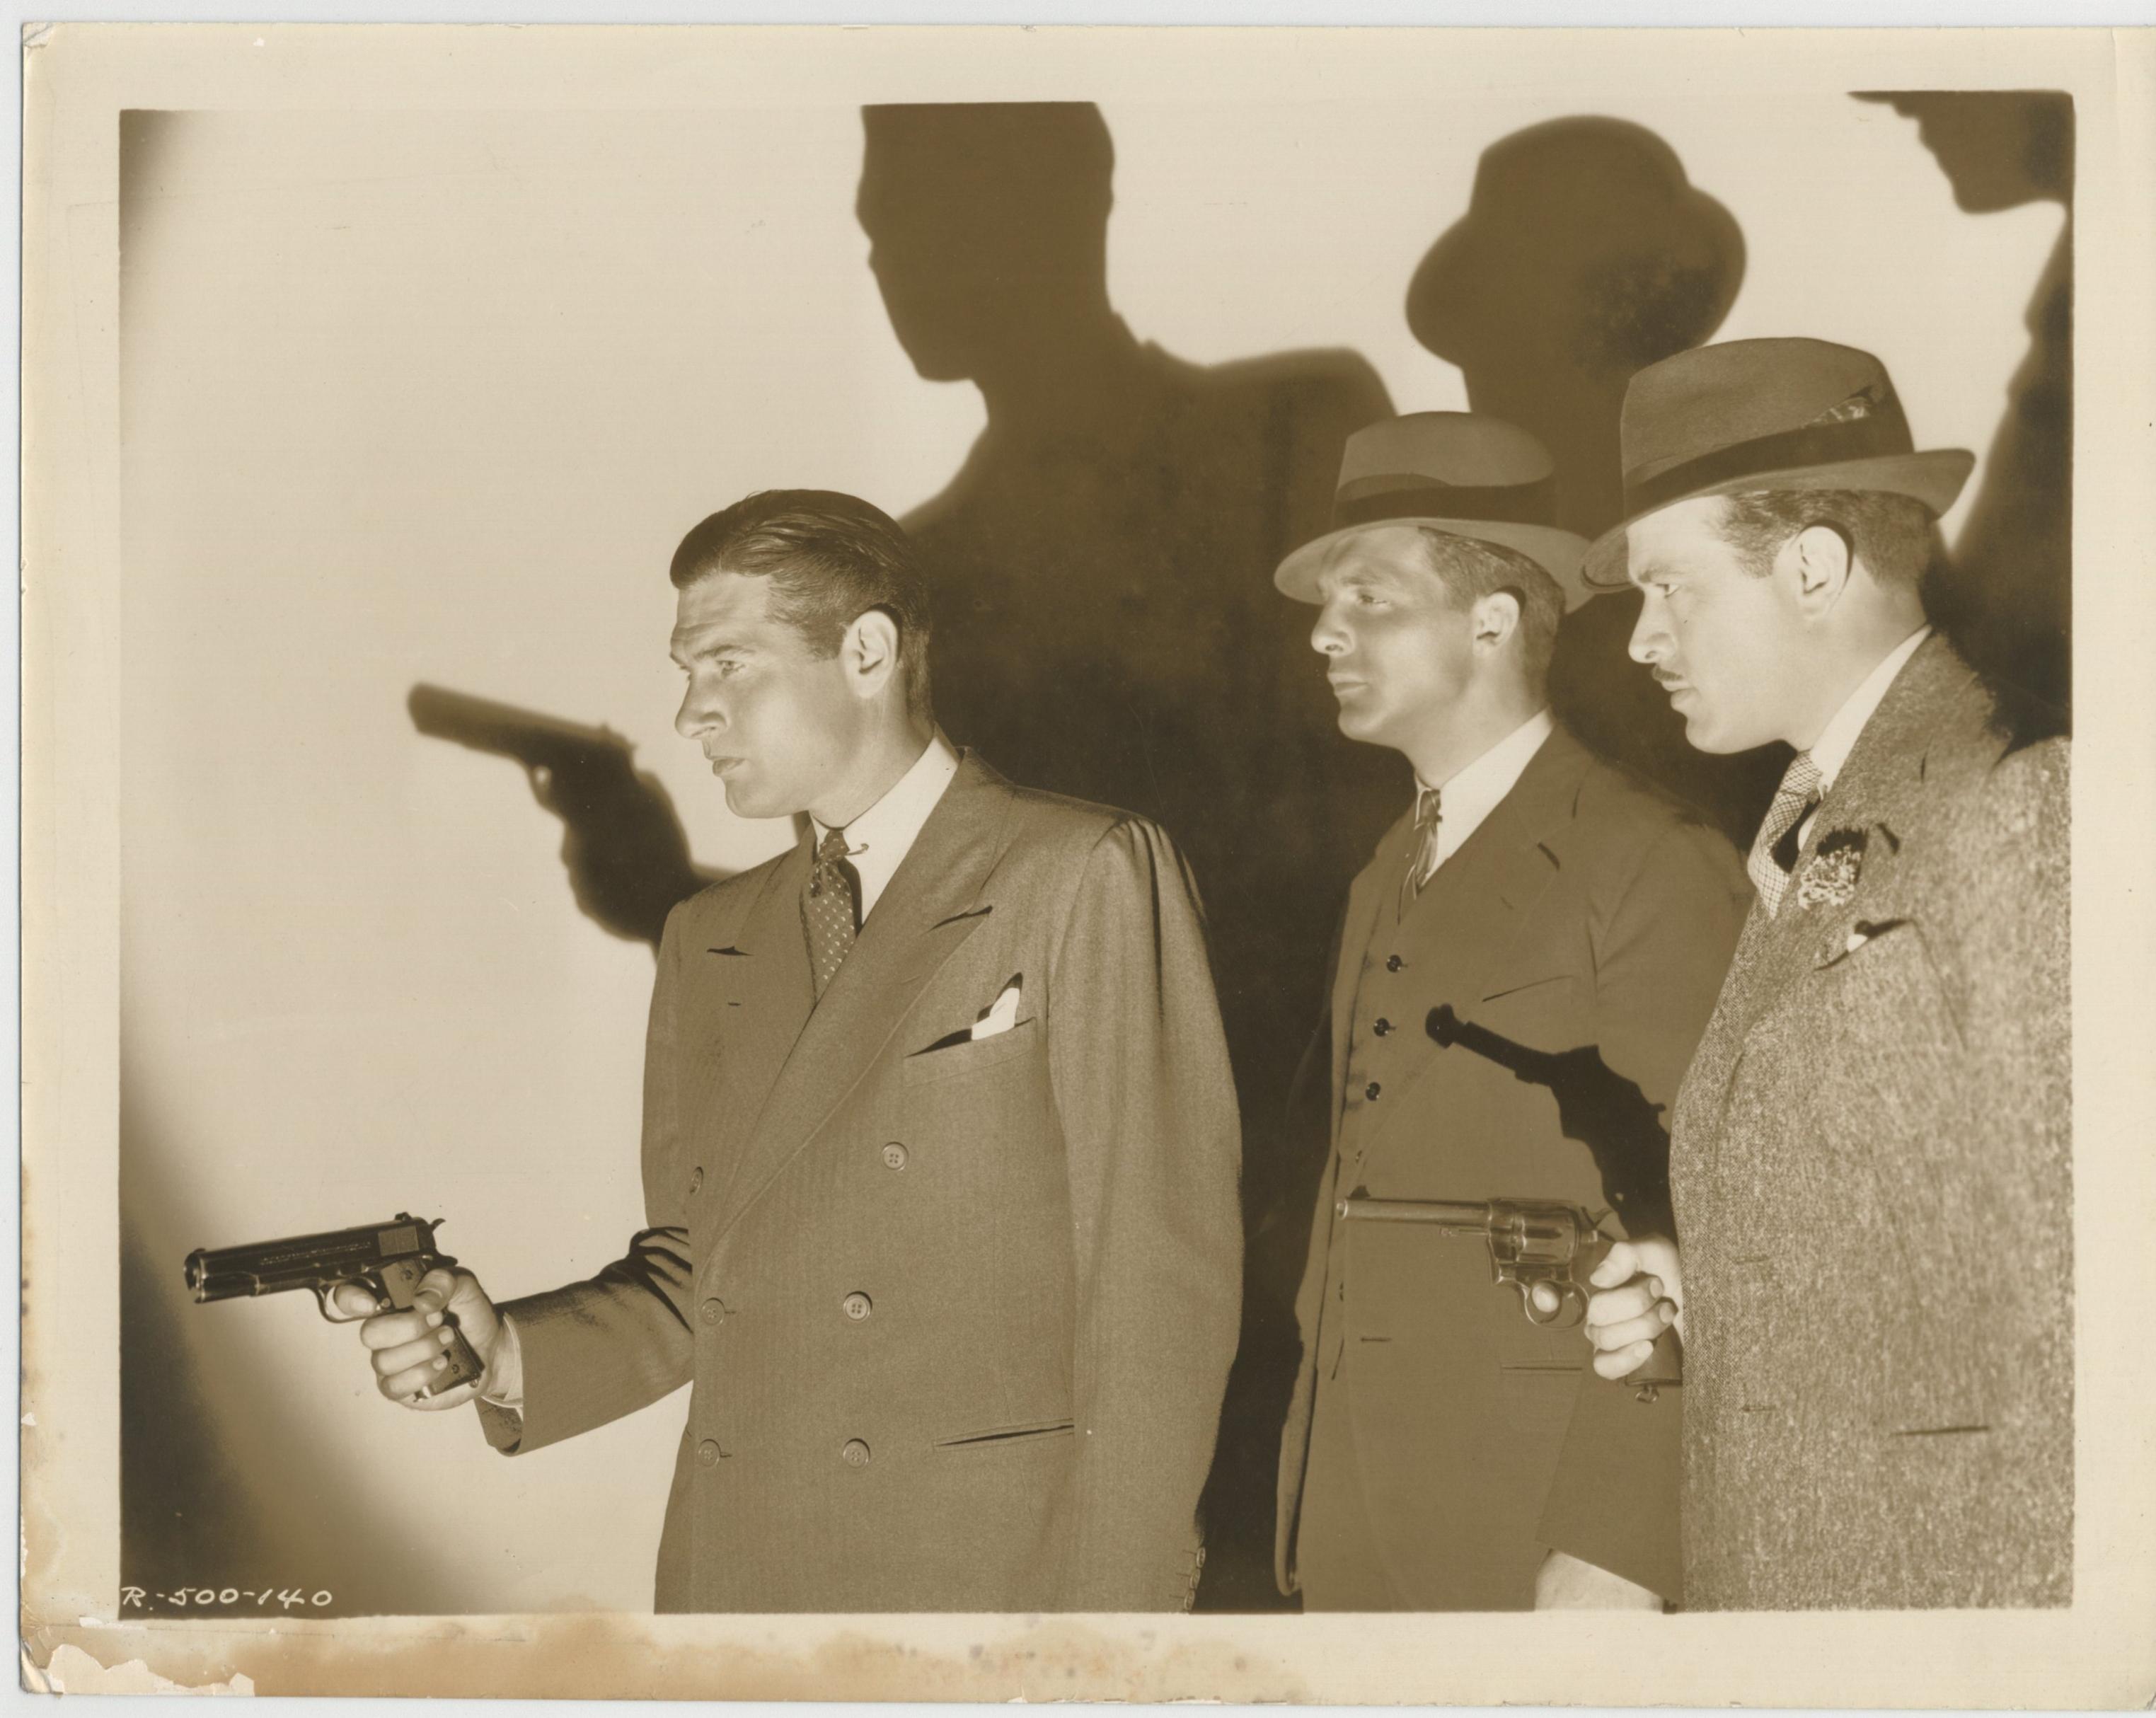 Richard Arlen, Eric Linden, and Harvey Stephens in Let 'em Have It (1935)